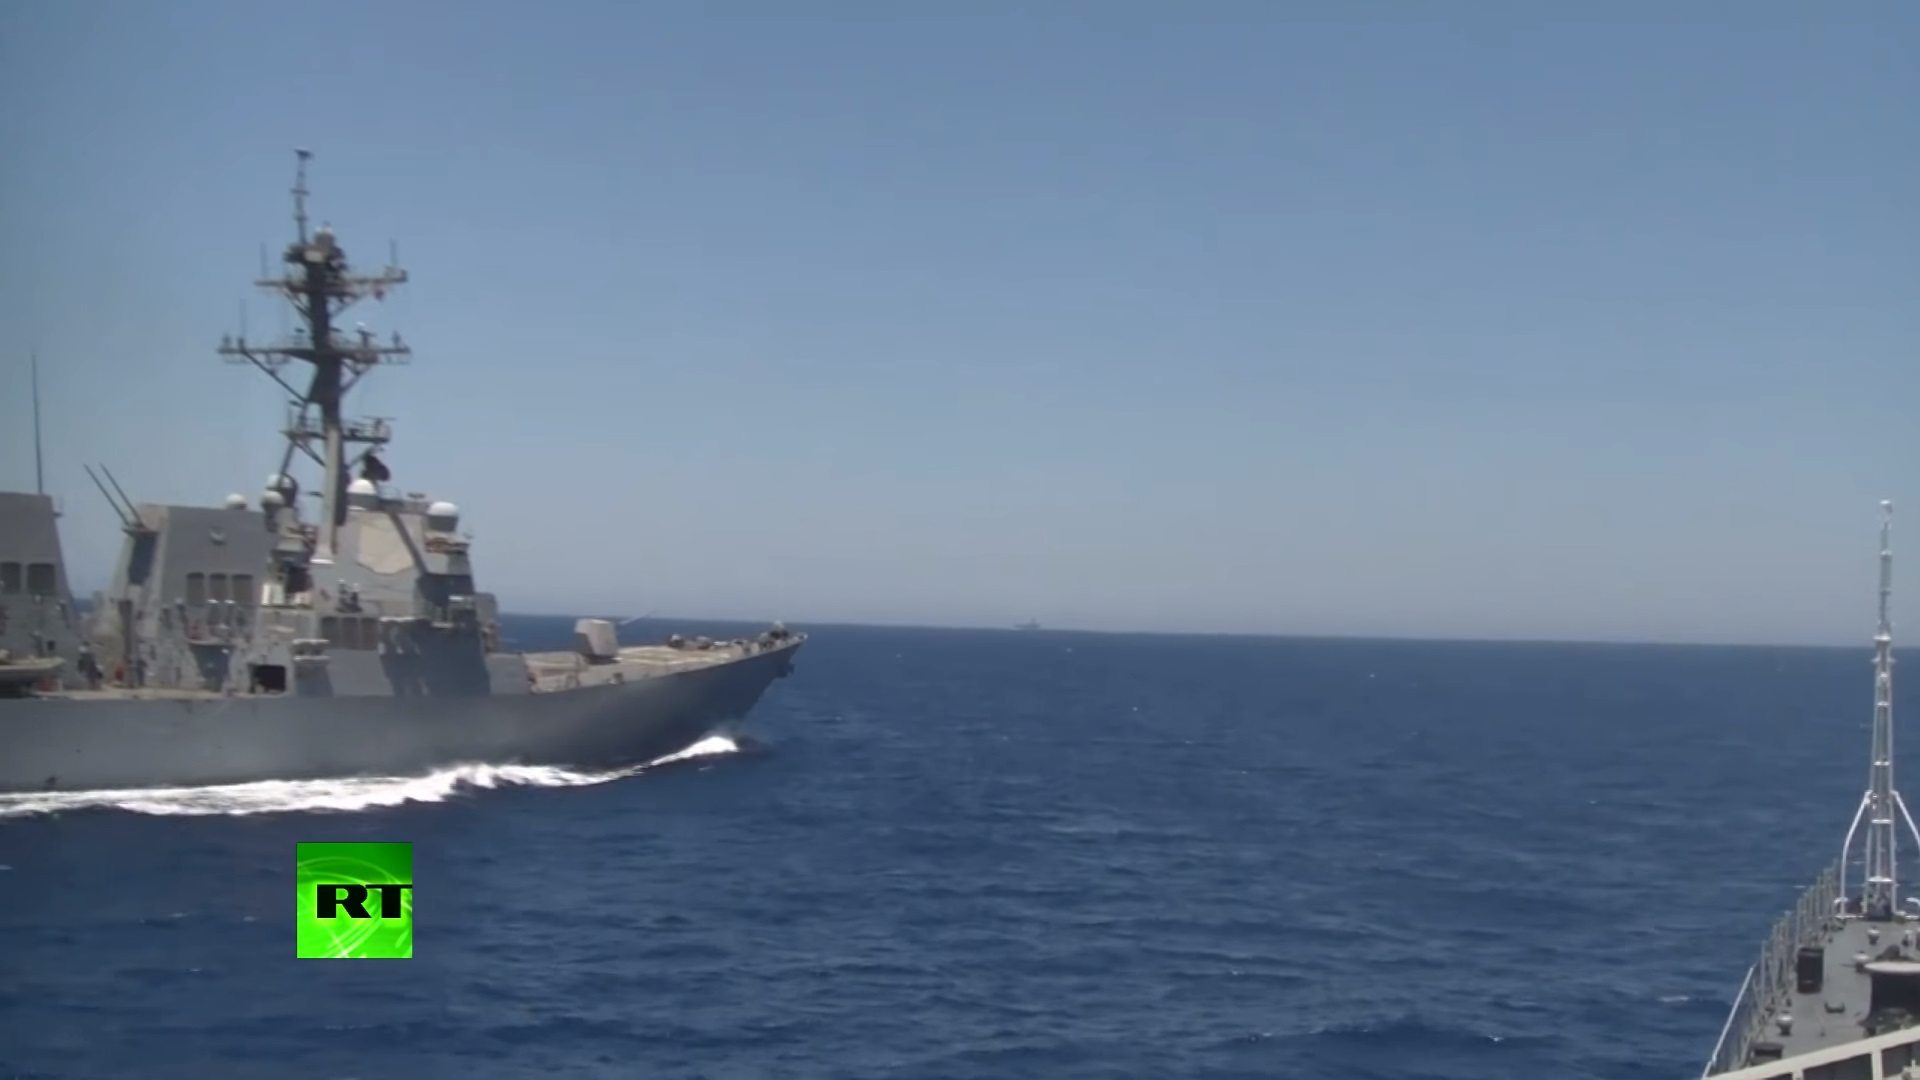 СРОЧНО! В Средиземном море американский эсминец едва не потопил российский сторожевой корабль — ситуация накалена до предела (ВИДЕО)